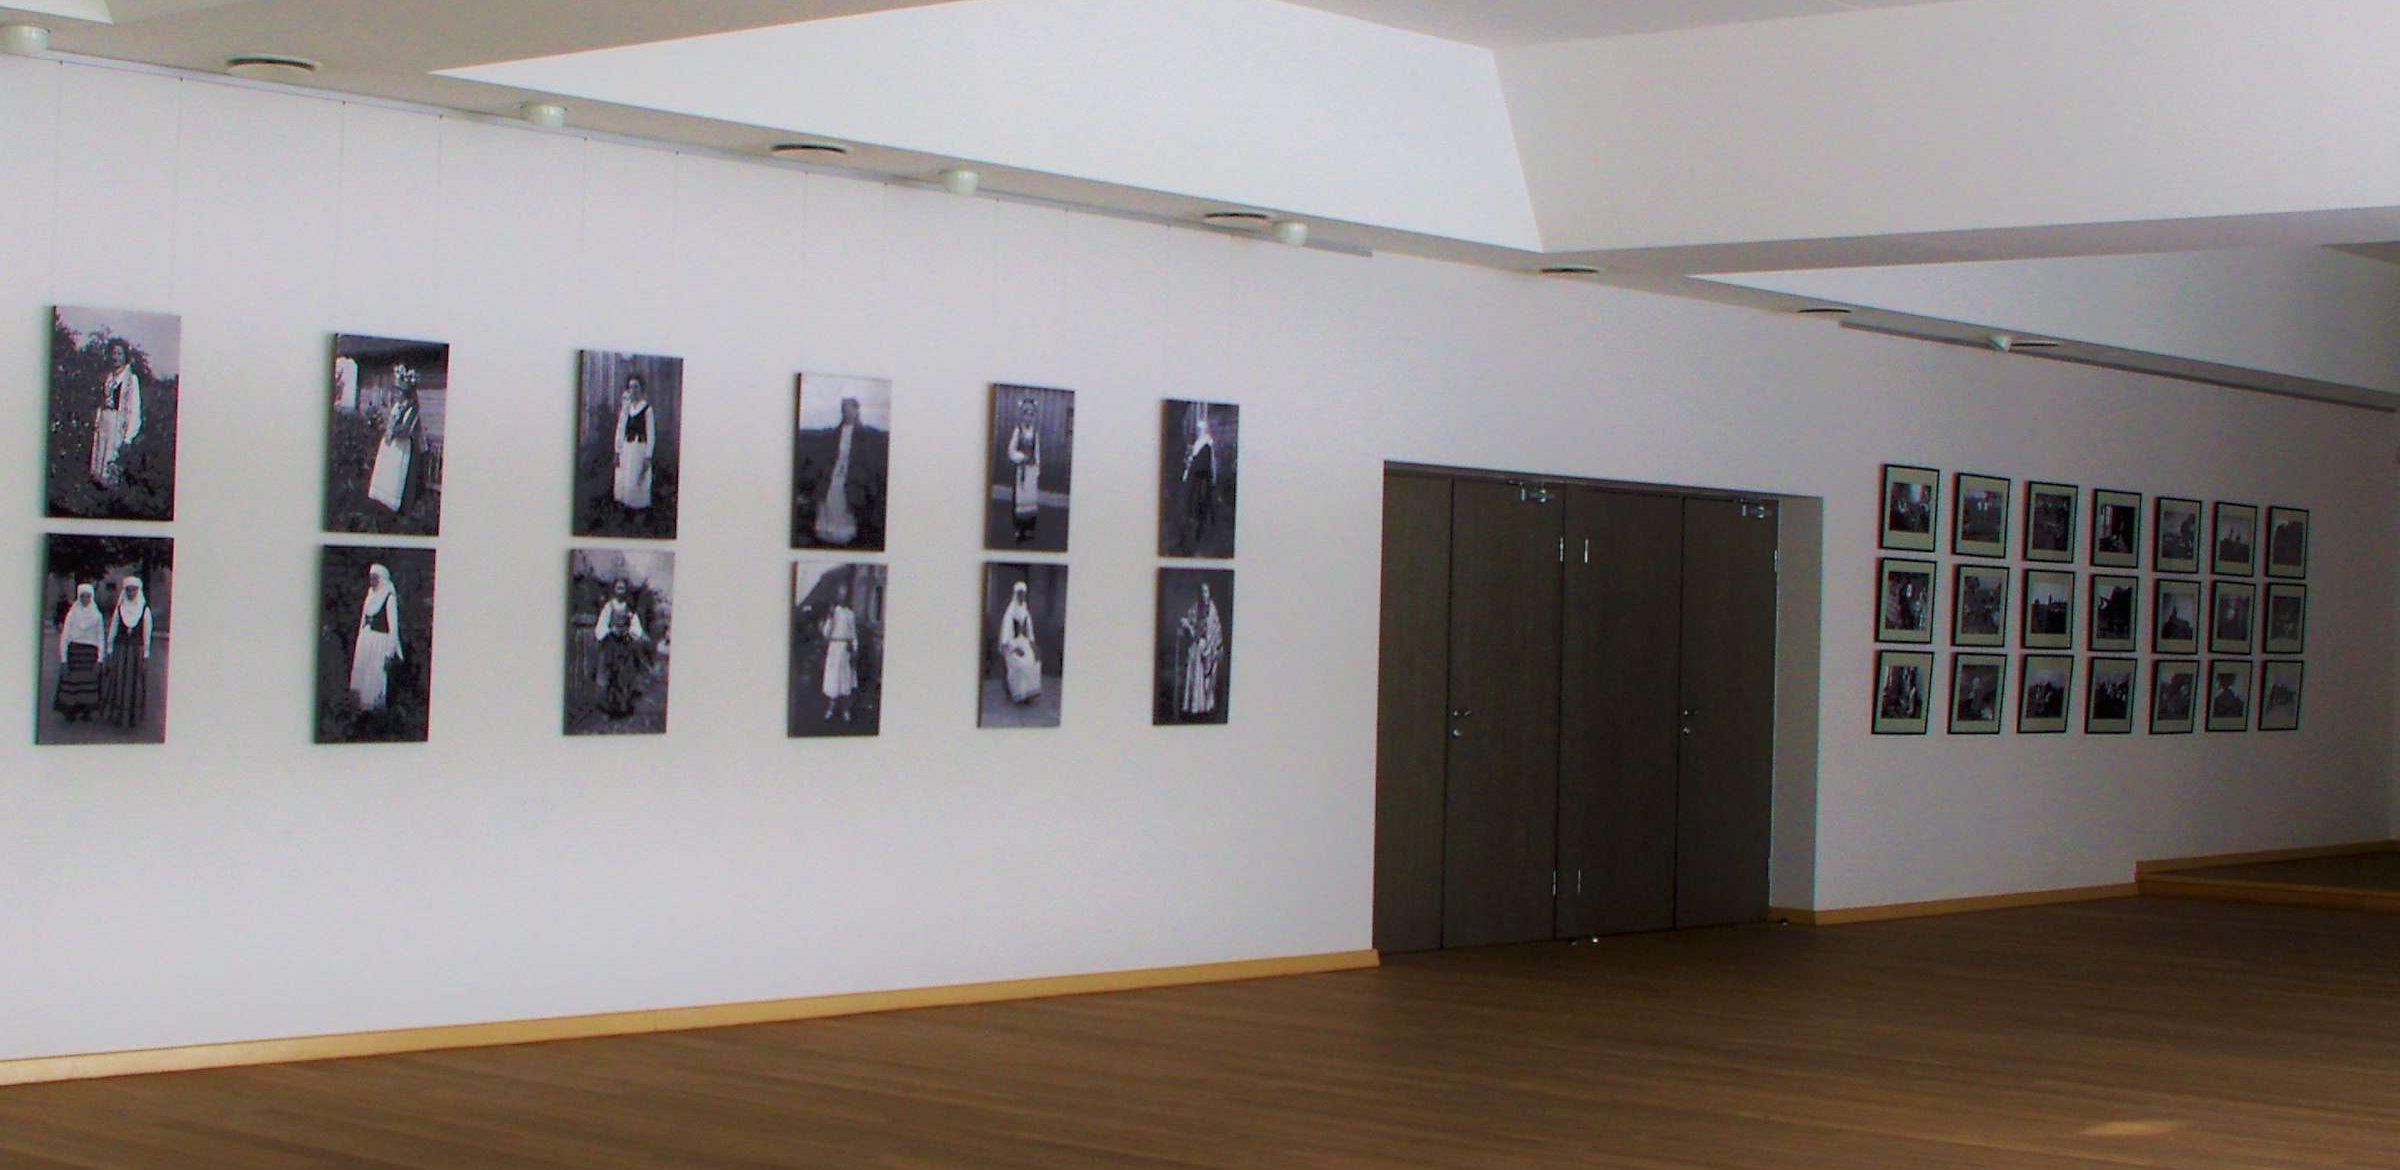 Fot. Ilona Tunevič-Šalčininkų rajono savivaldybės kultūros centre-2400